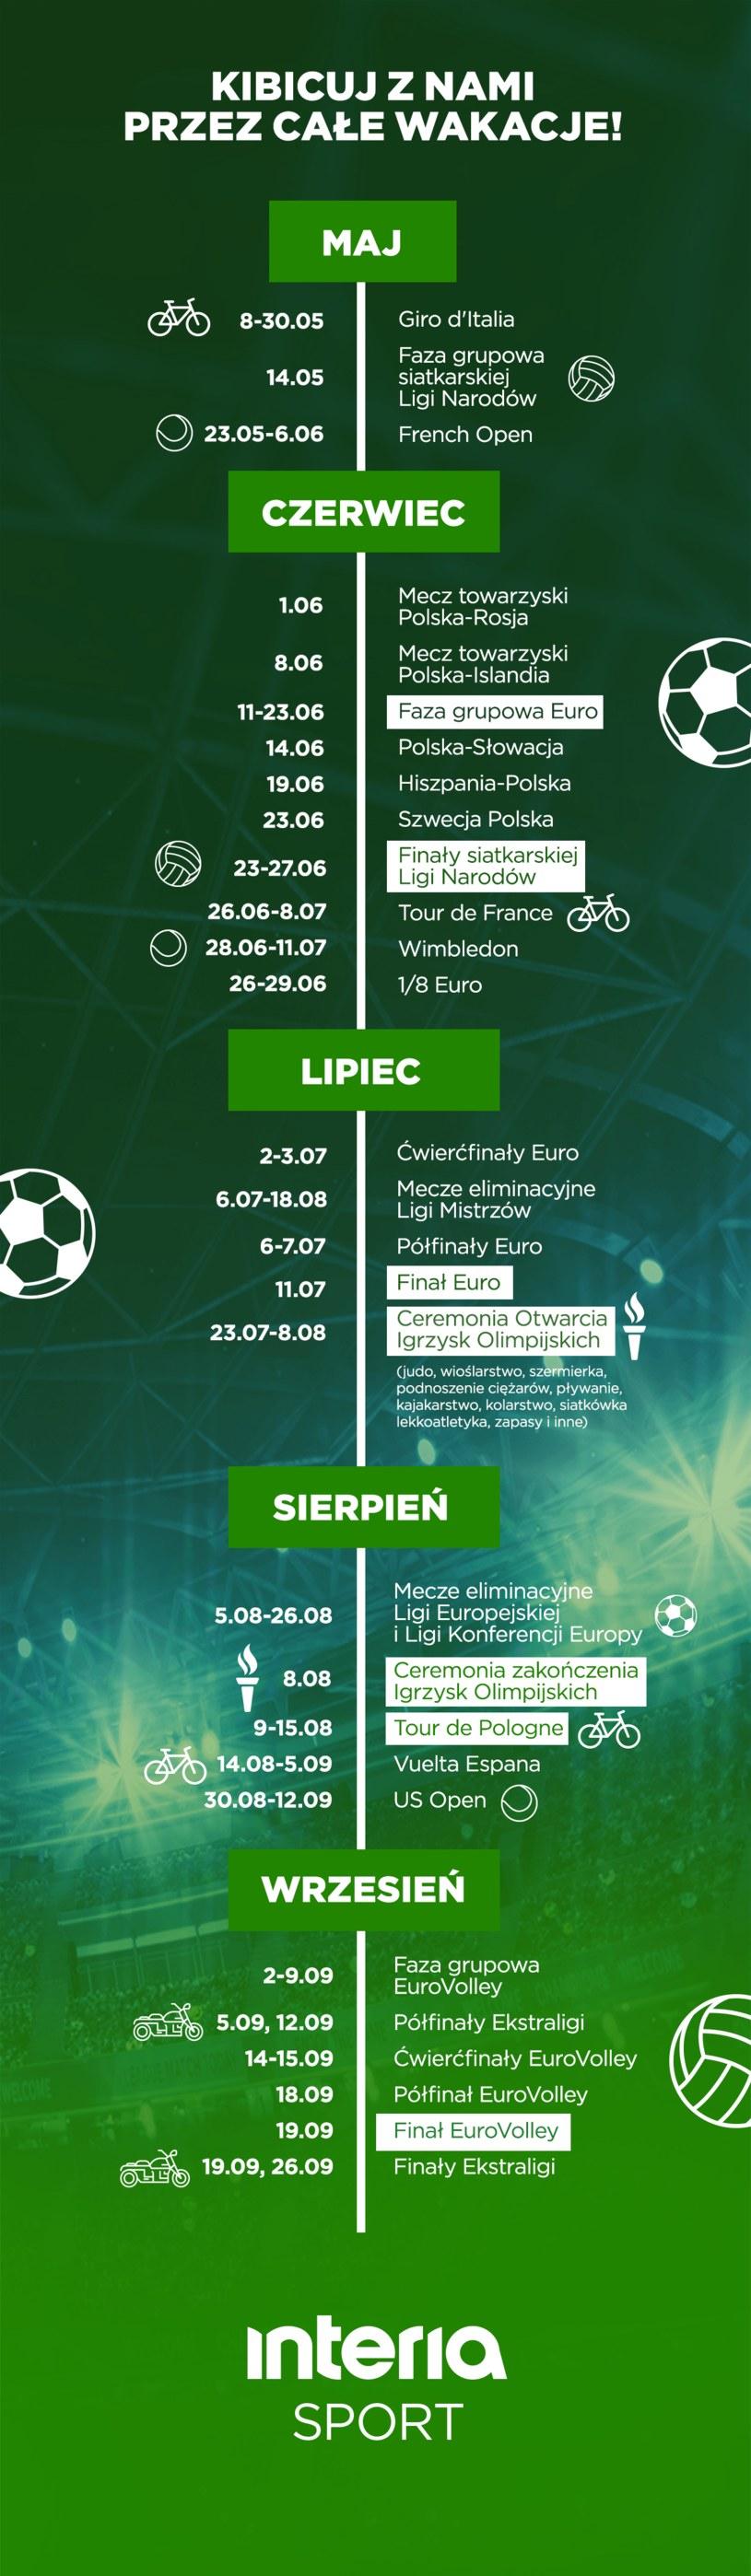 Kalendarz imprez sportowych /INTERIA.PL